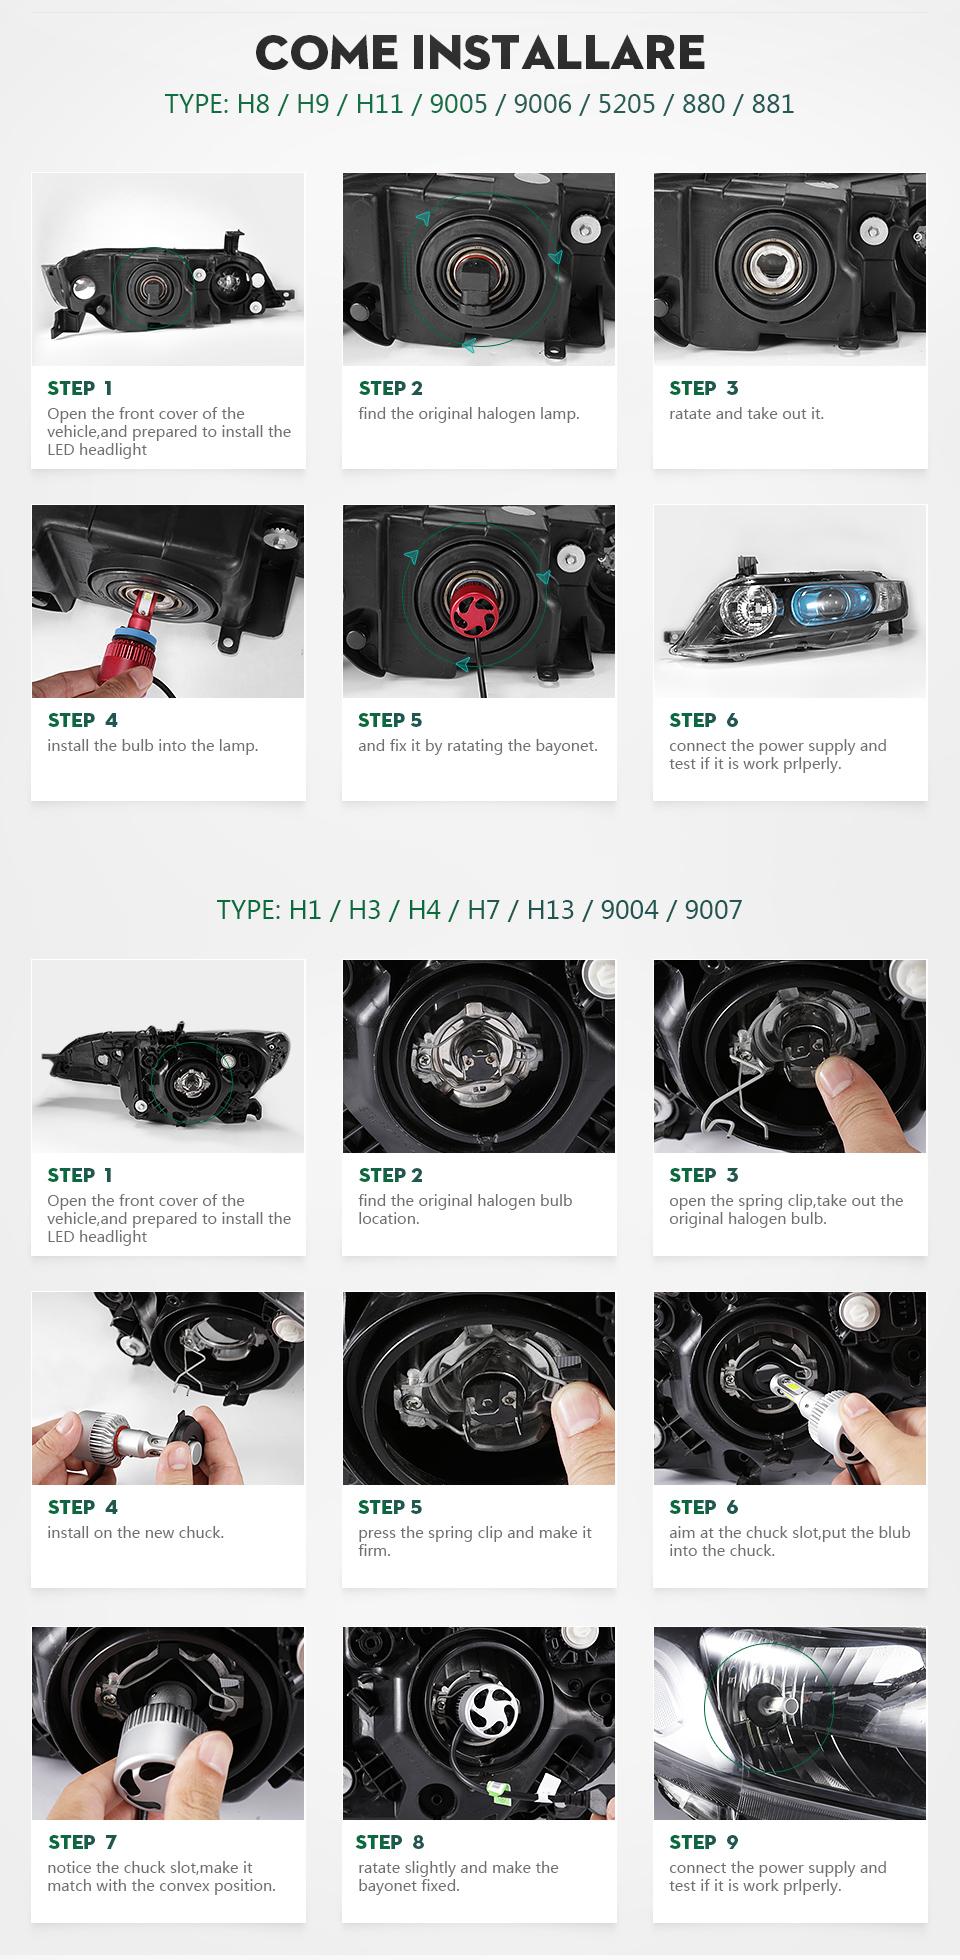 С6 техники Н7 Watt автомобиль фары для авто 70 вт 7000lm Сид Сид SMD Chip светодиодные Н4 Н1 н11 н13 9005 9006 автомобильных фар Tan света к 12 в 6500